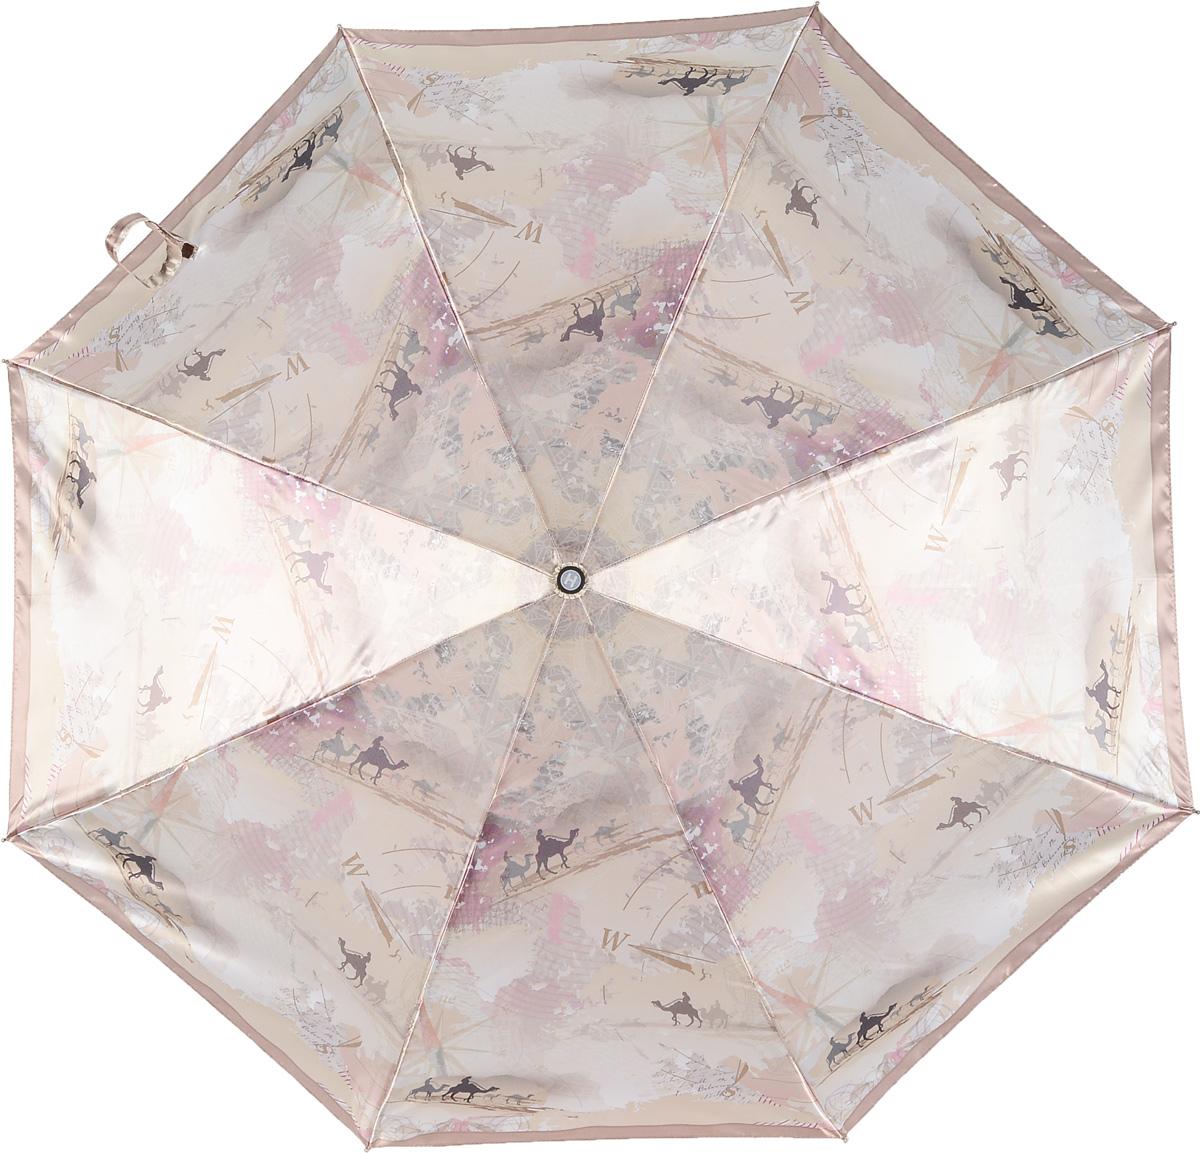 Зонт женский Henry Backer, 3 сложения, цвет: бежевый. U23203 TravellingREM12-CAM-GREENBLACKРомантичный женский зонт «Путешествие» с сатиновым куполом, автомат У зонта комфортная для ладони рукоять из нескользящего материала с насечками под пальцы, чтобы зонт было удобно удерживать при порывах ветра.